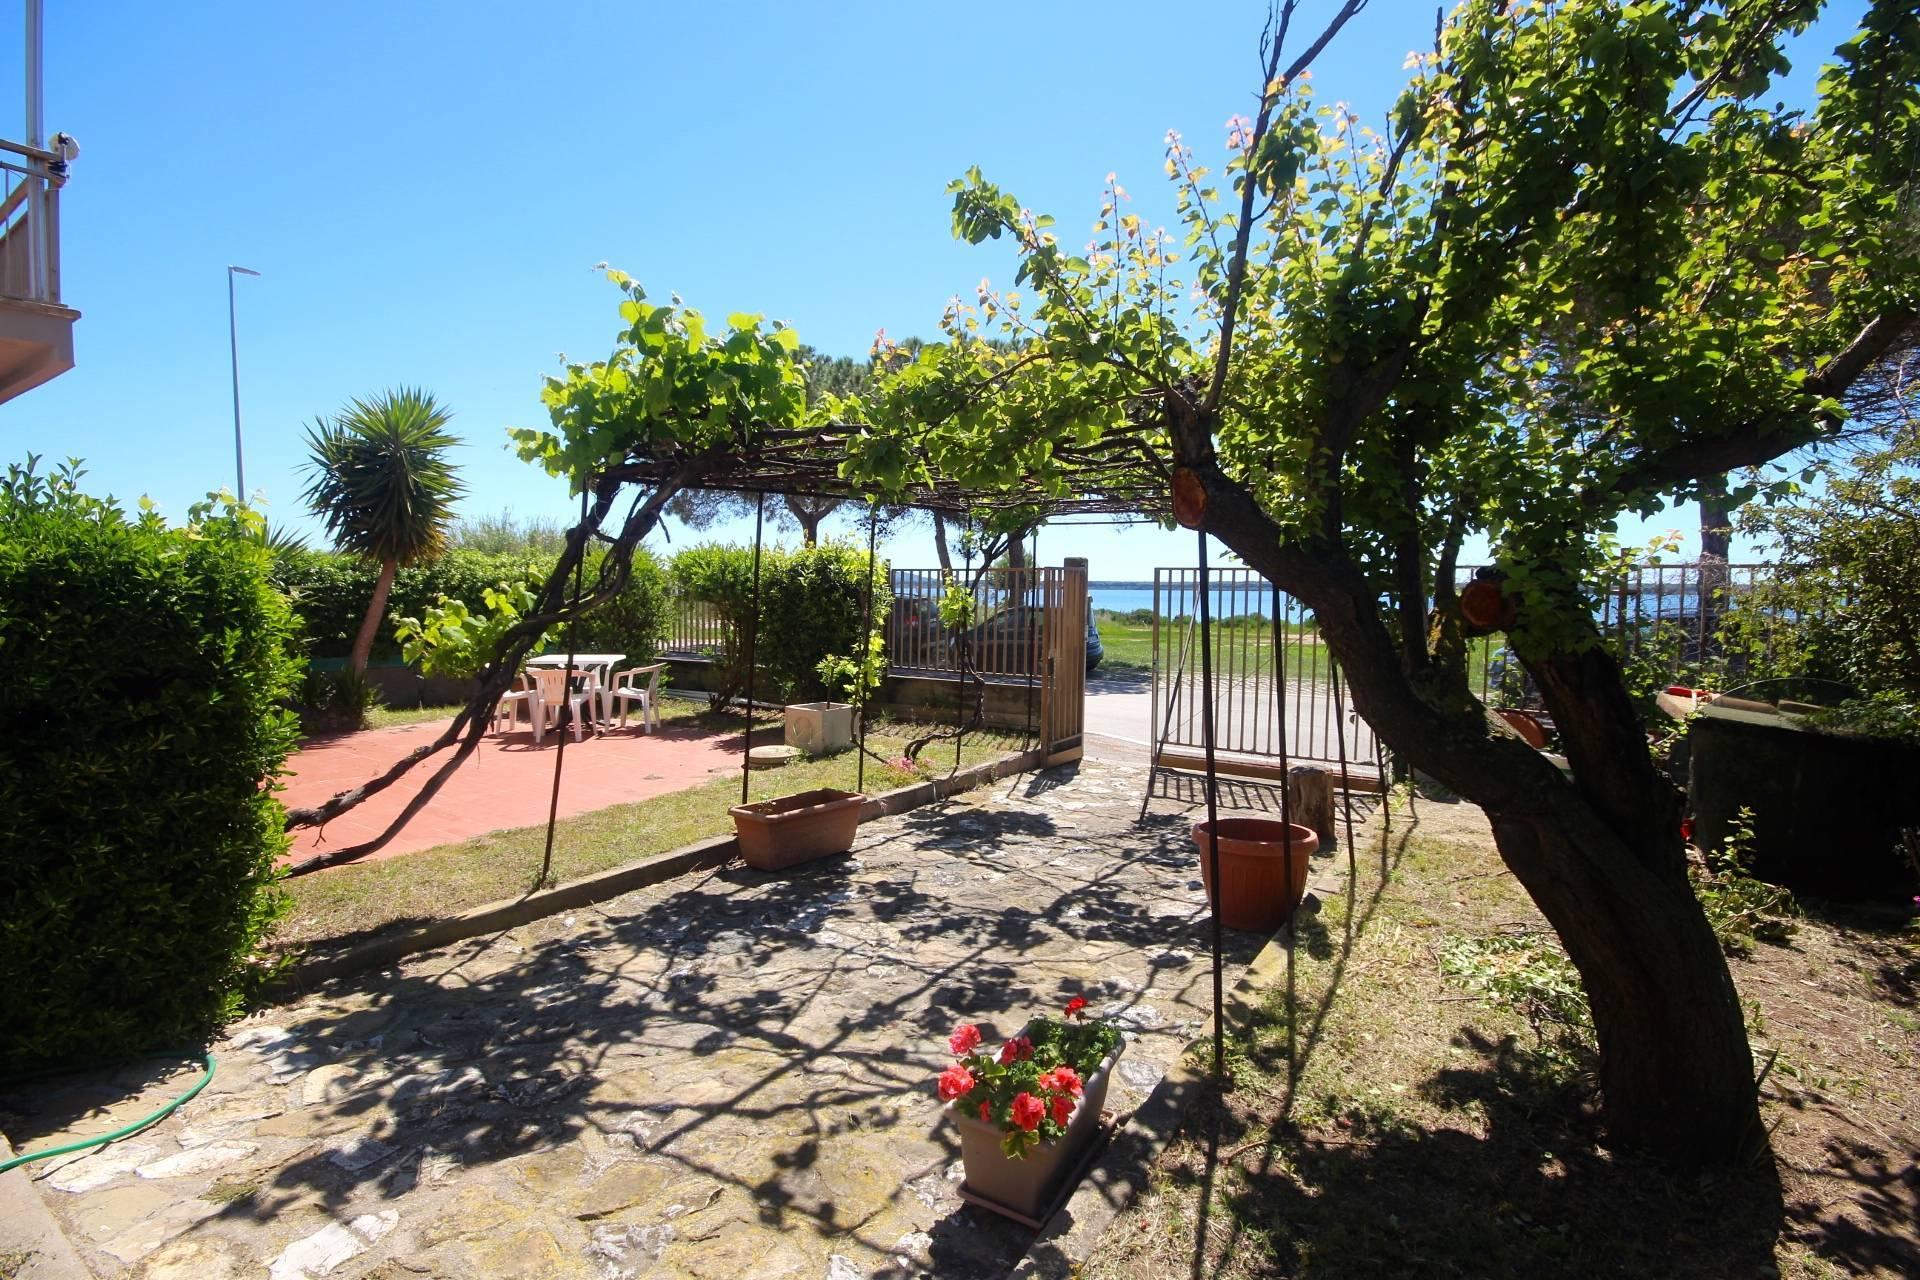 Appartamento in vendita a Orbetello, 4 locali, zona Località: OrbetelloNeghelli, prezzo € 320.000 | PortaleAgenzieImmobiliari.it